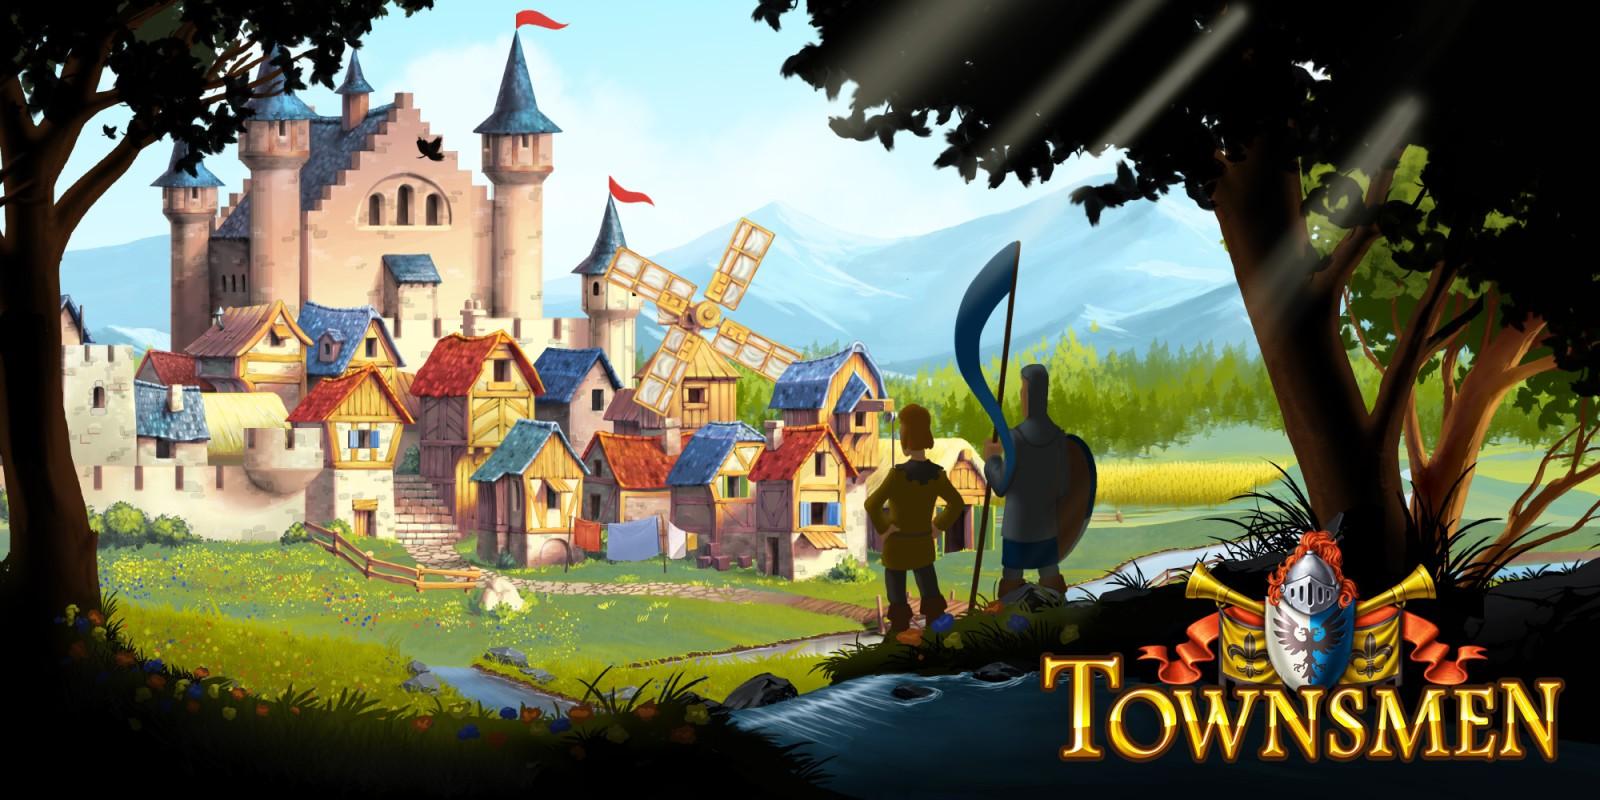 townsmen free download